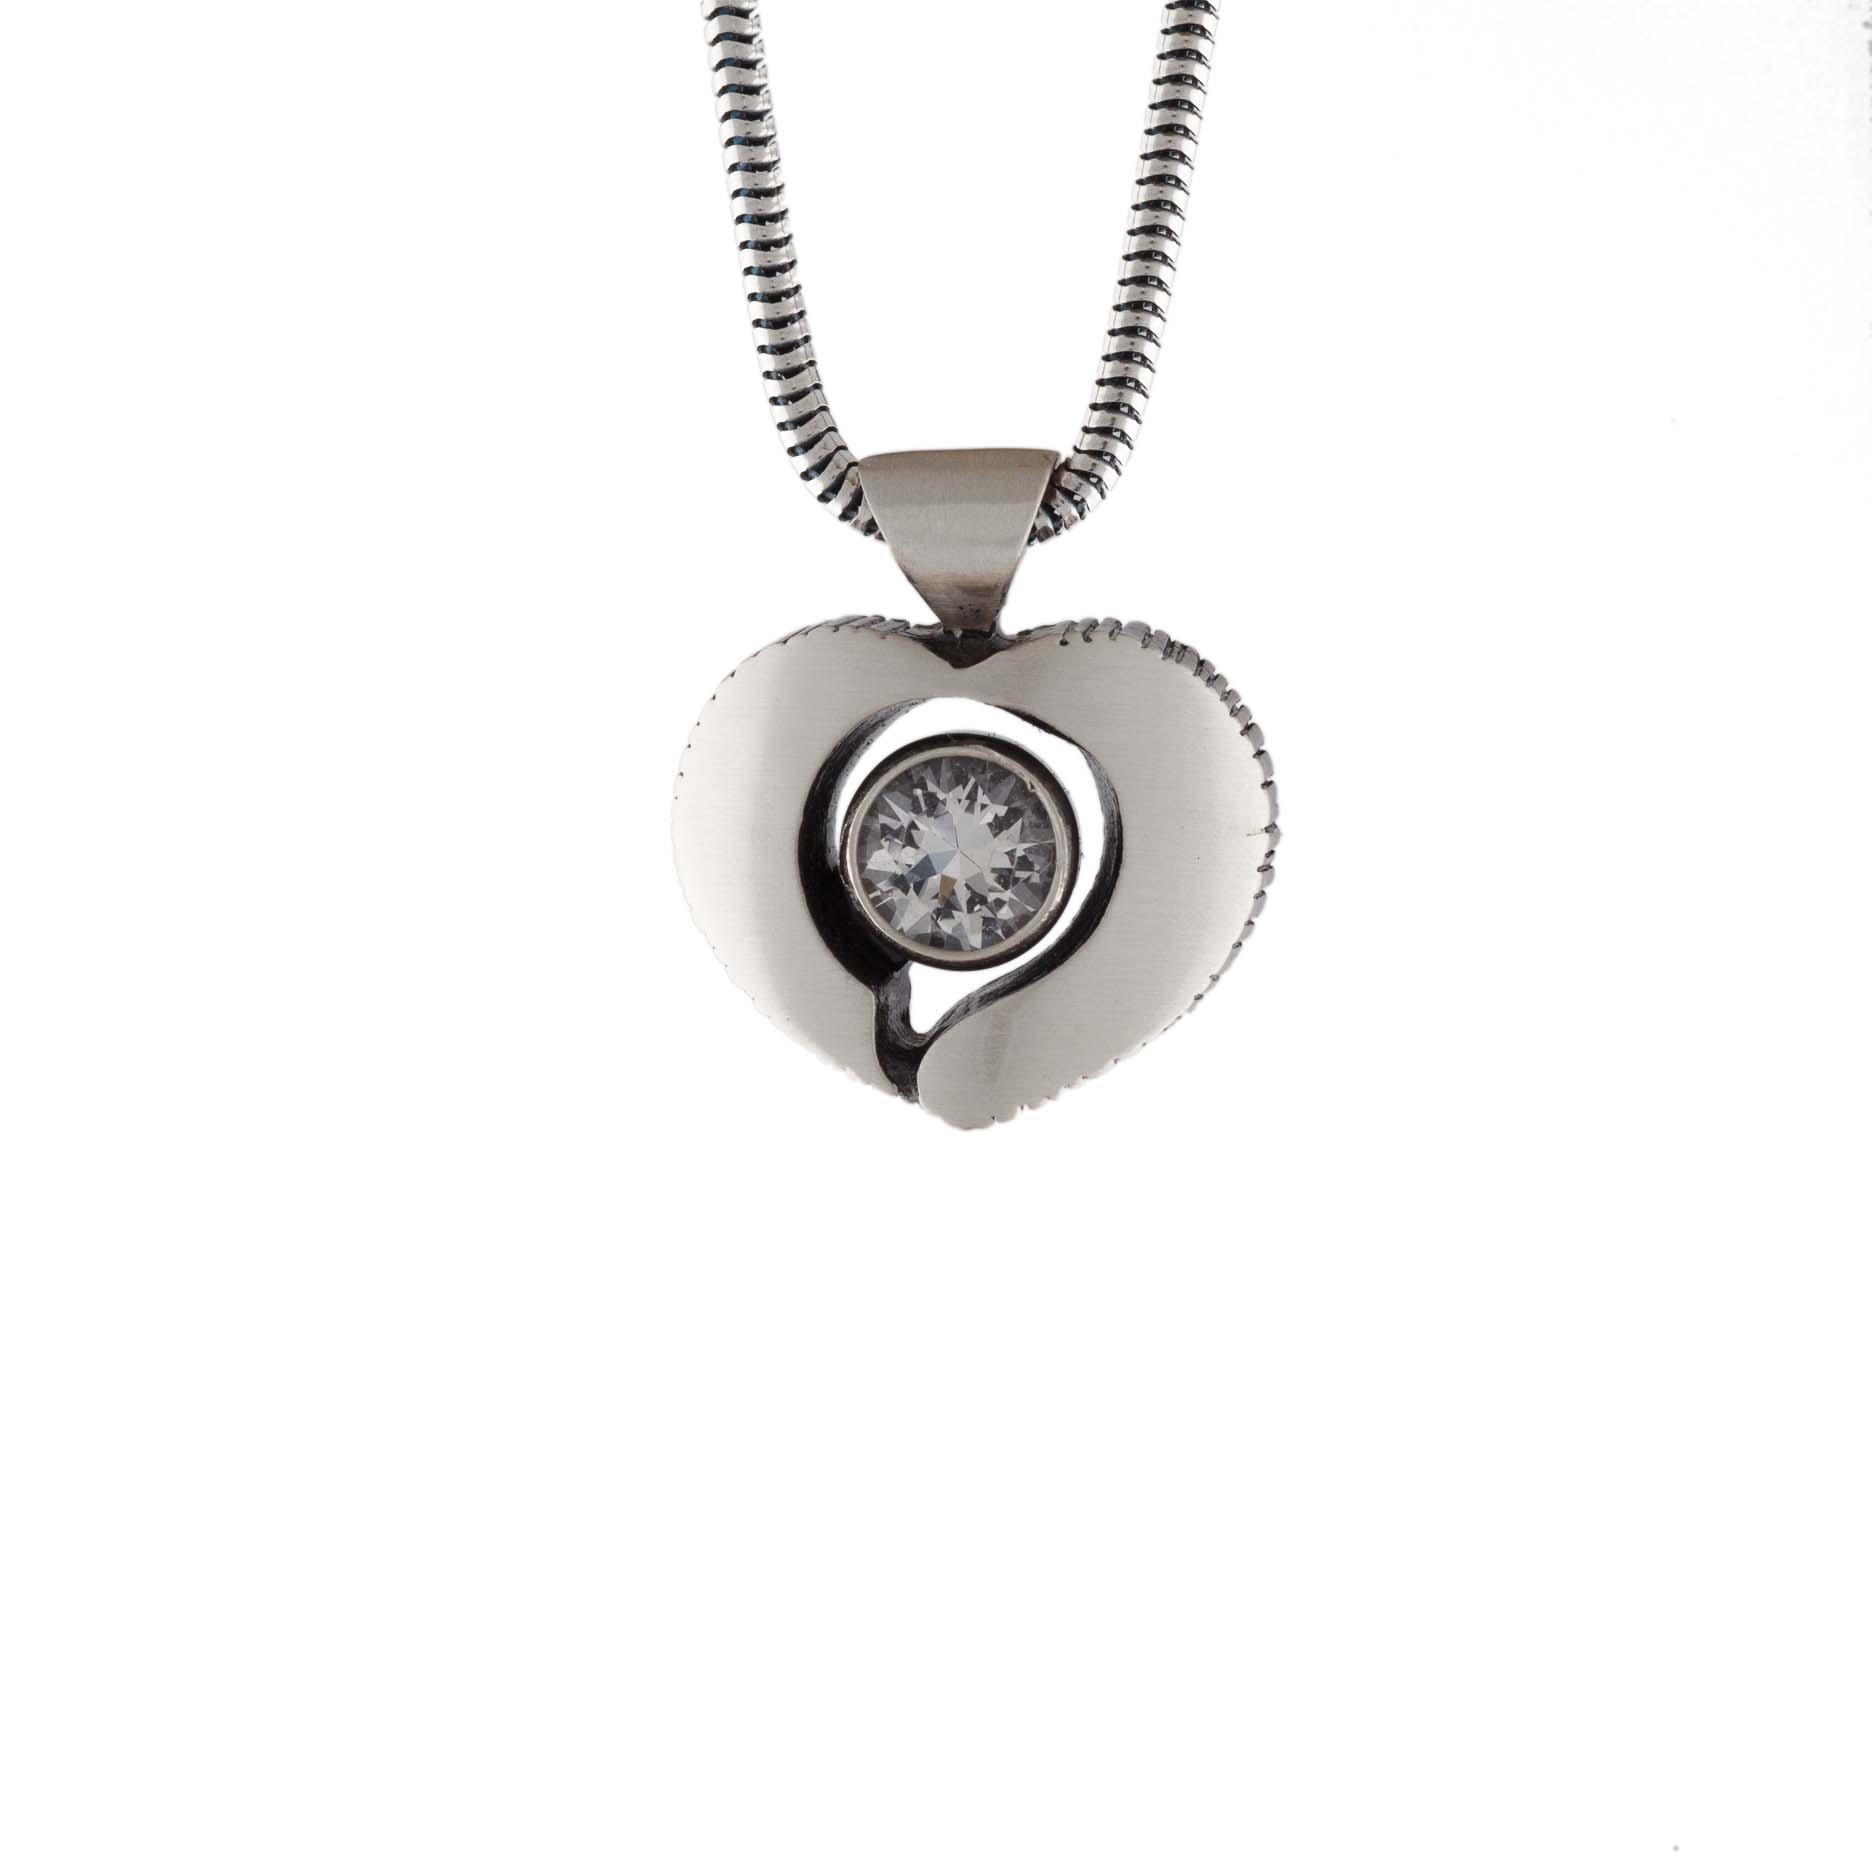 Halsband silver hjärta med bergskristall finnfeelings - GULDKORNET 4947f00561ae5